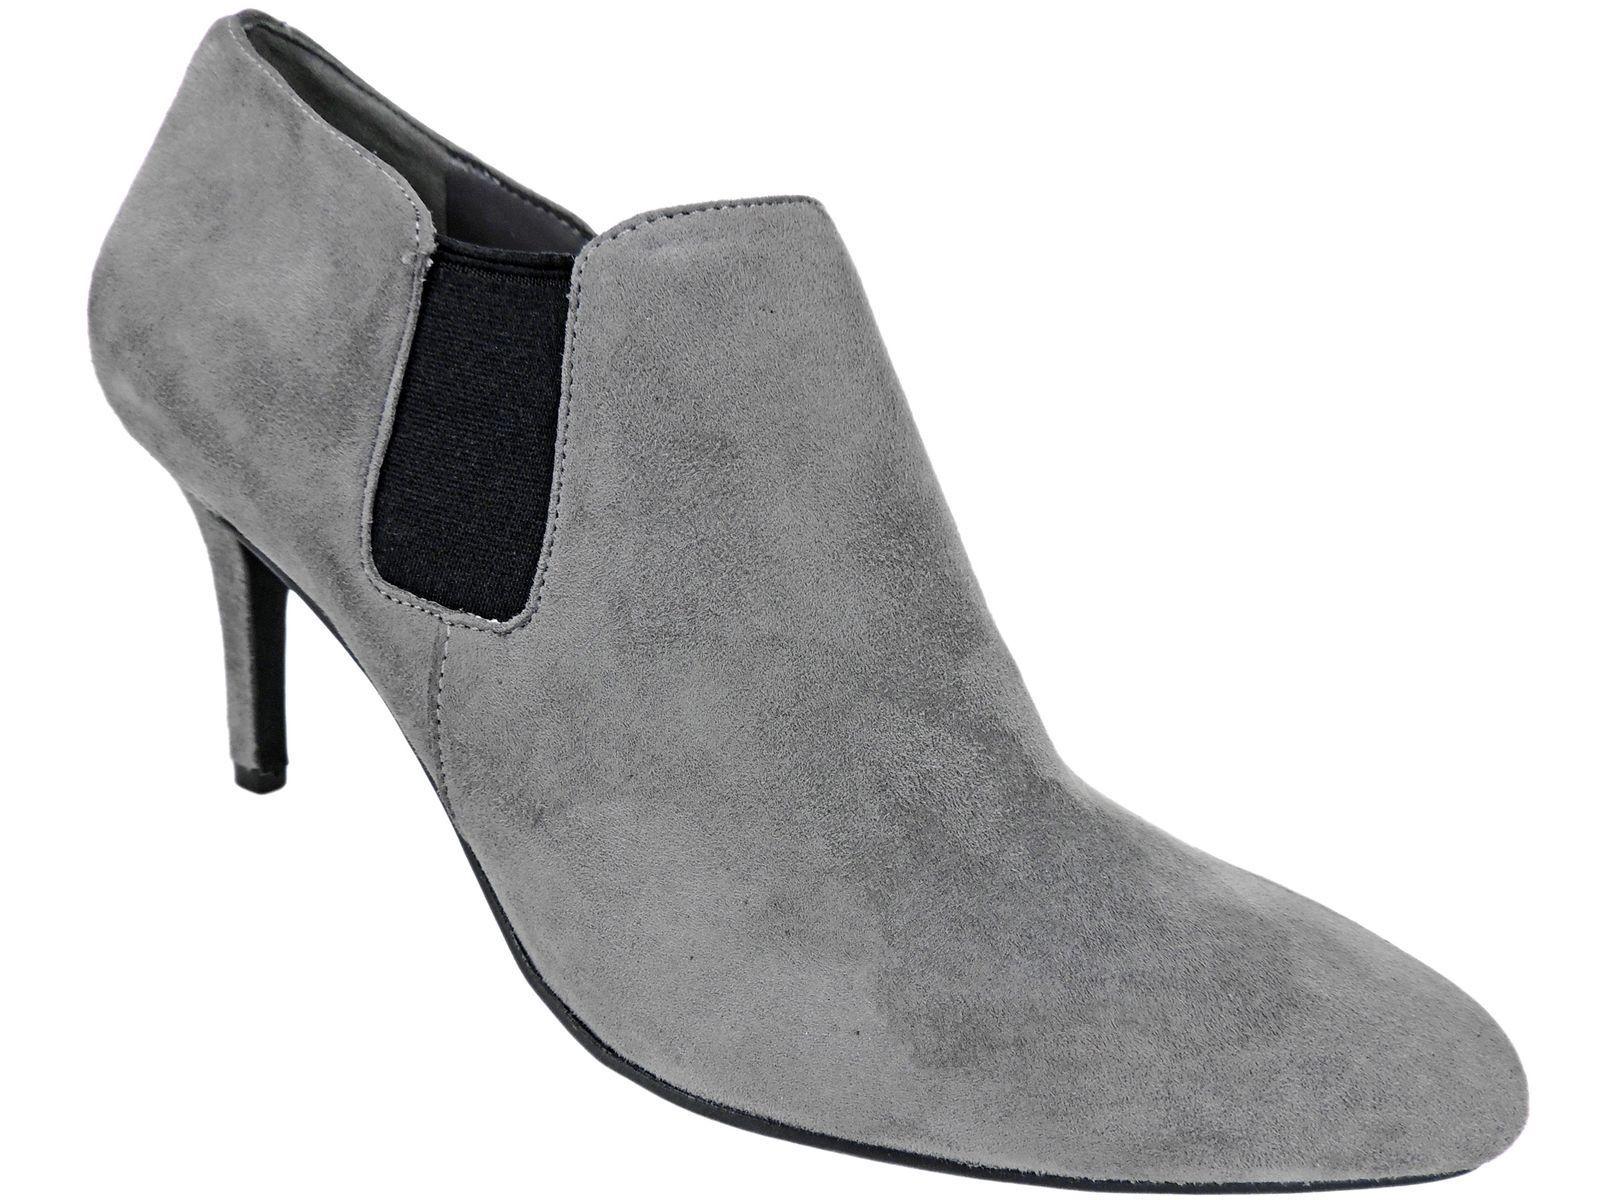 Cole Haan para mujer Maxfield Botines gris botas De Gamuza Gamuza Gamuza 8 Nuevo En Caja  gran descuento